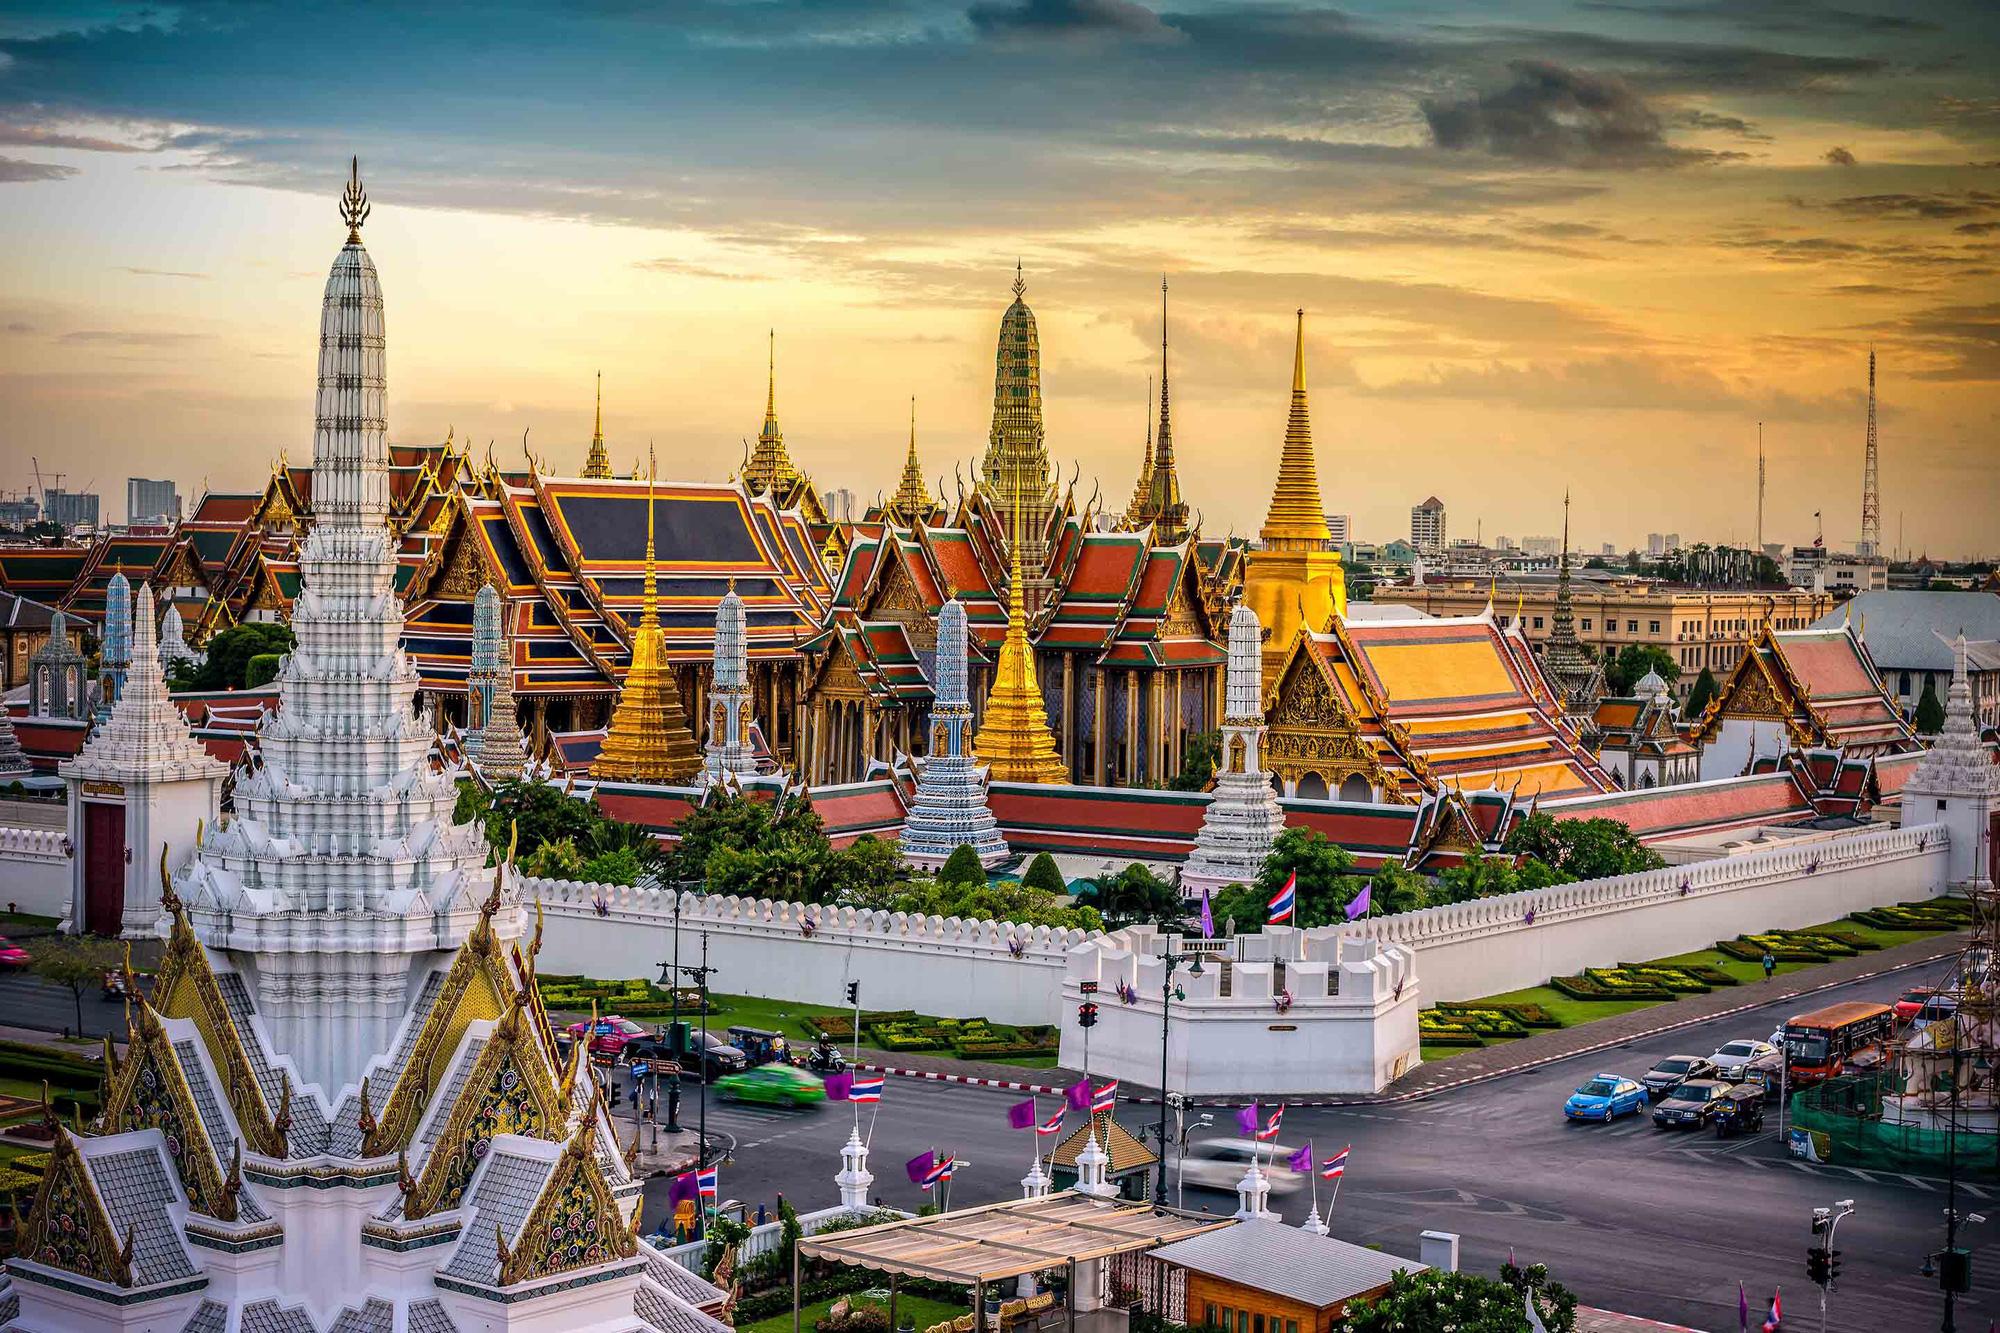 Chờ ngày hết dịch, mình hẹn gặp nhau tại 5 ga tàu đi khắp Bangkok này bạn nhé! - Ảnh 1.